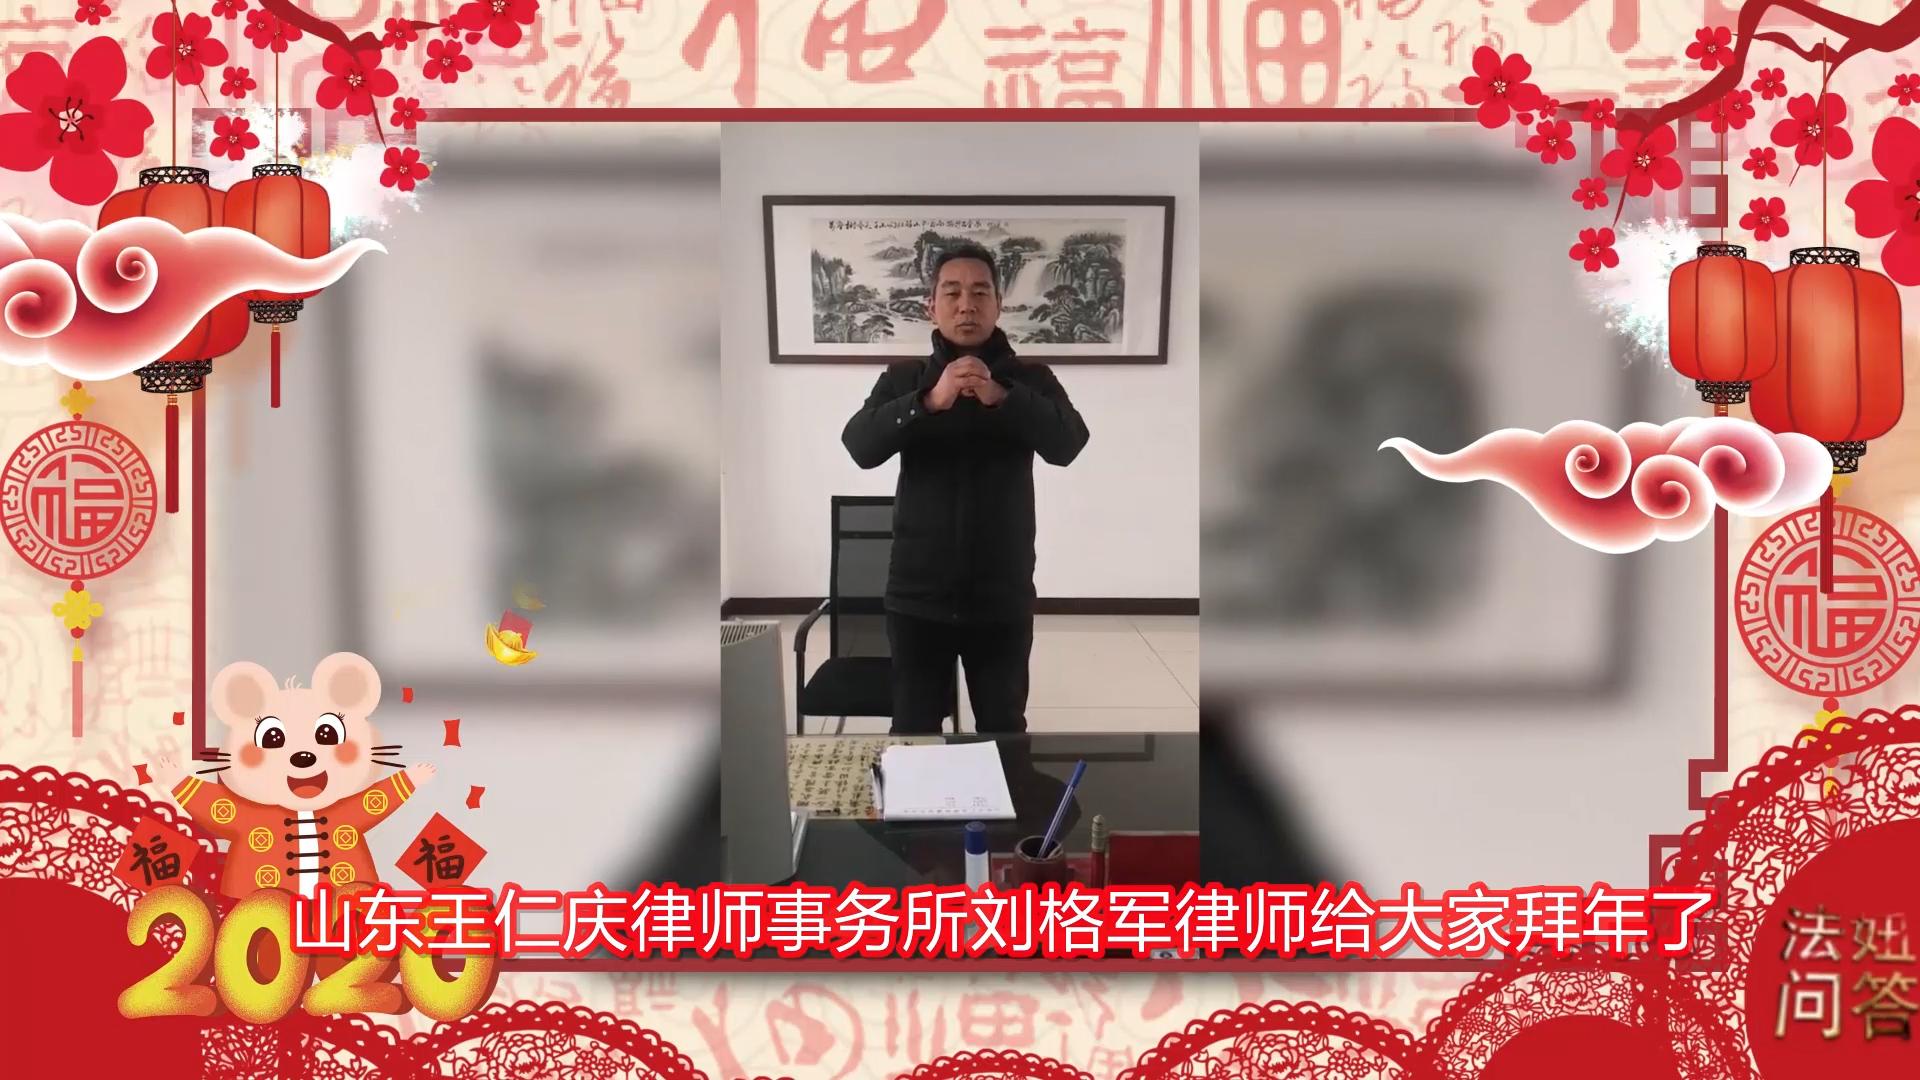 刘格军律师拜年视频